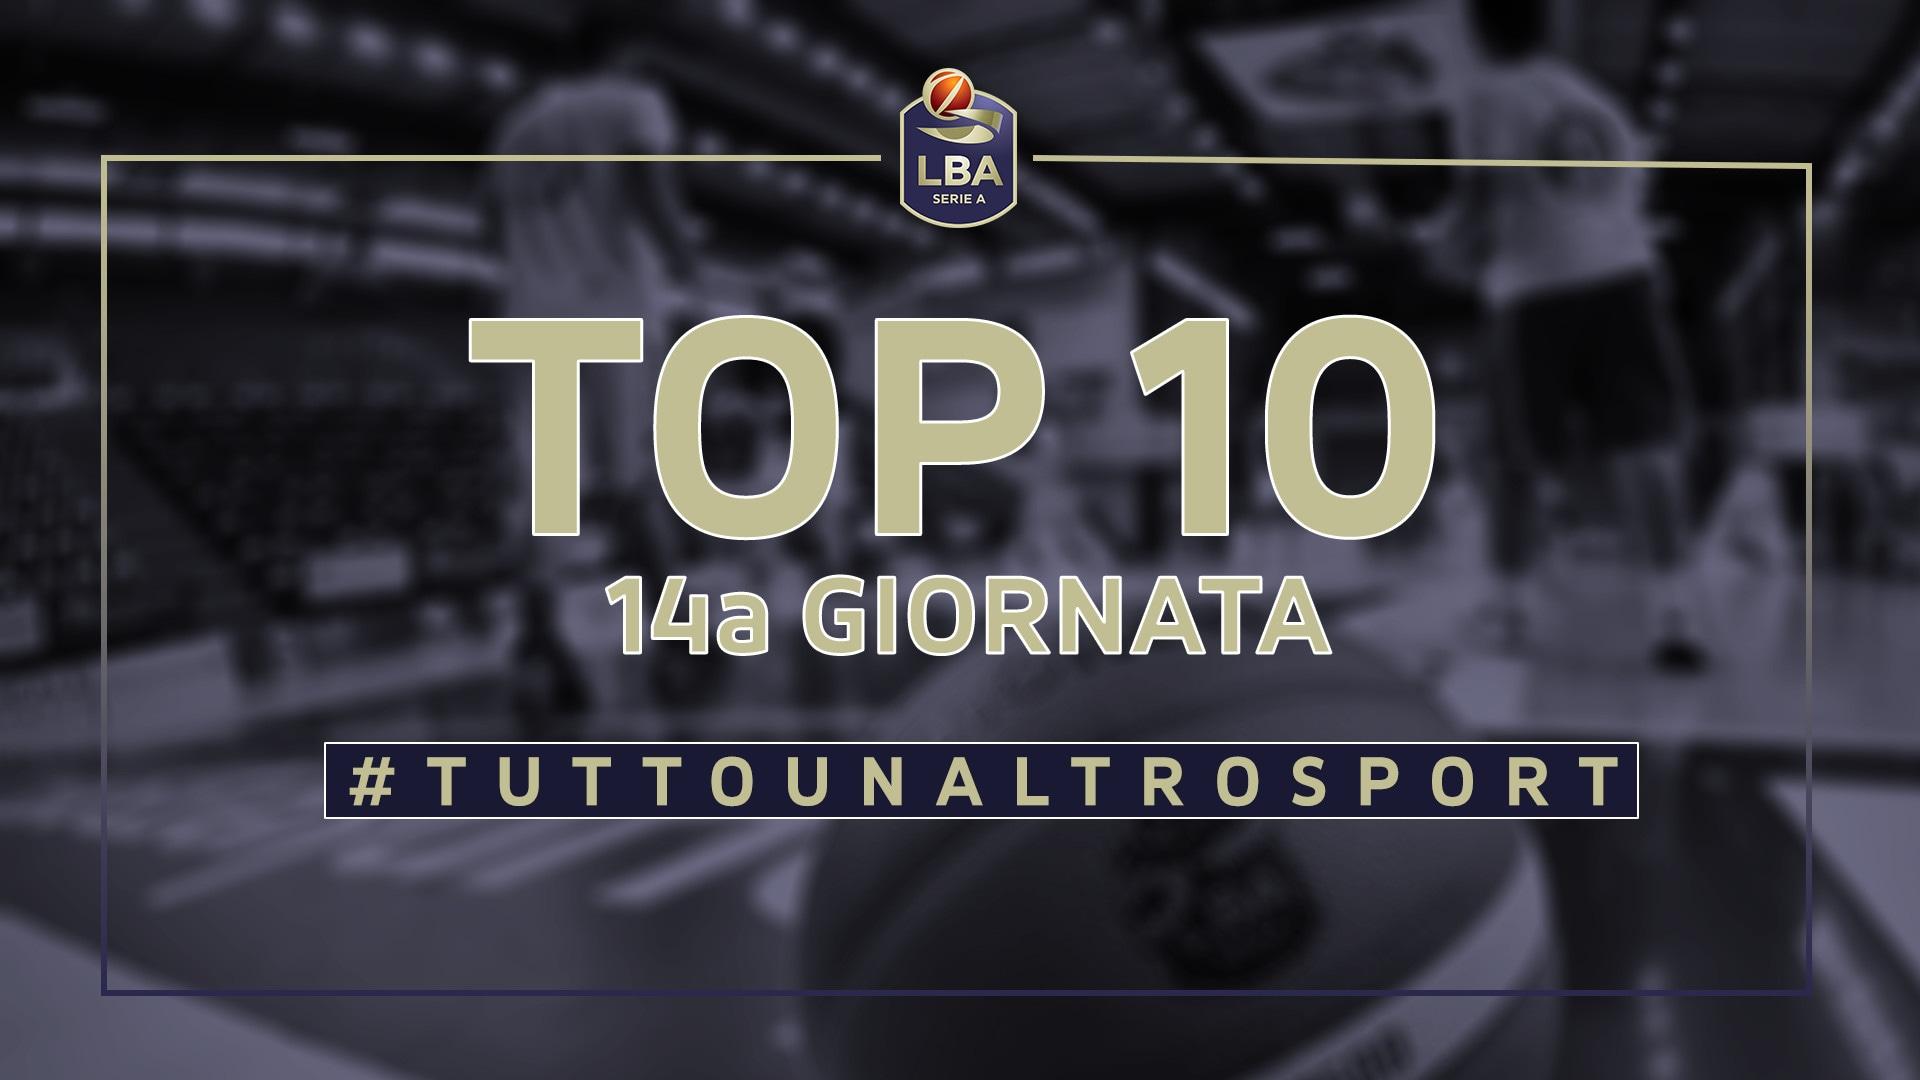 La Top Ten della 14a giornata del campionato LBA